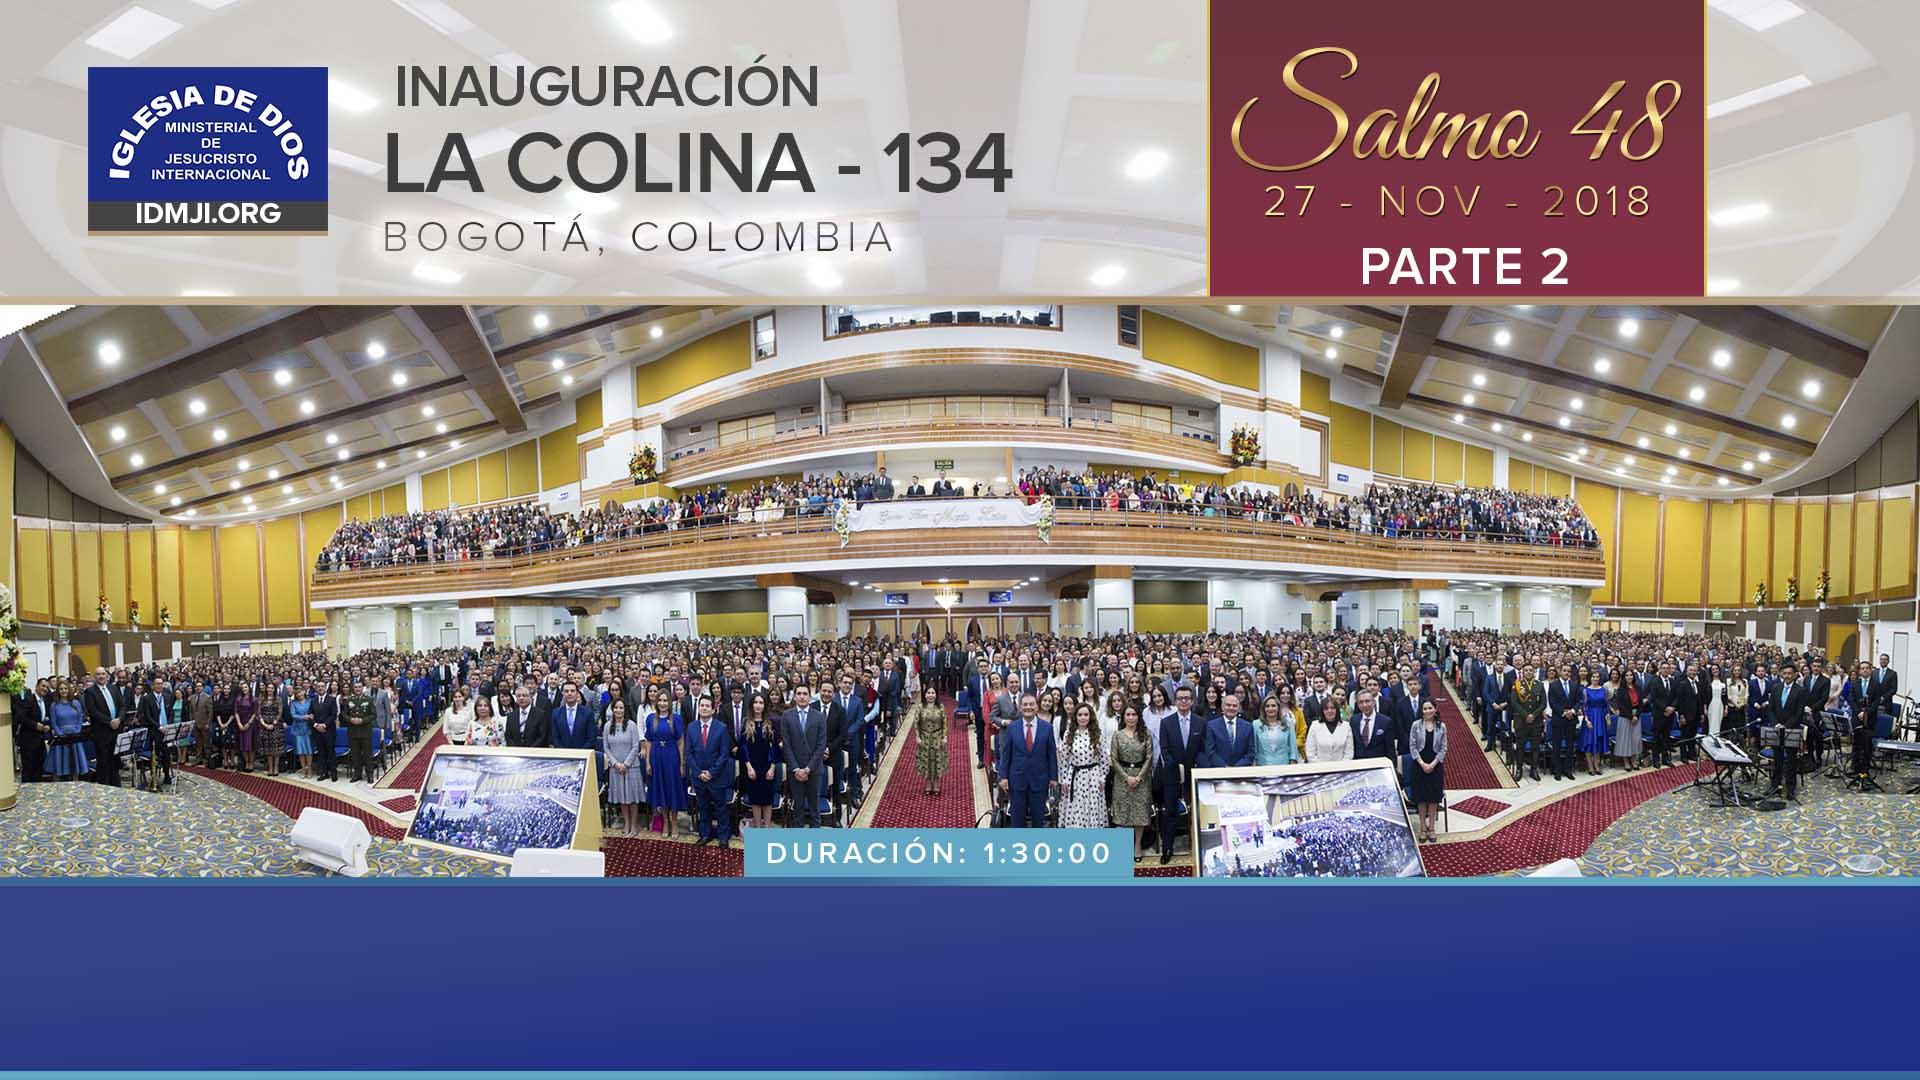 Inauguración La Colina, Bogotá – Parte 2